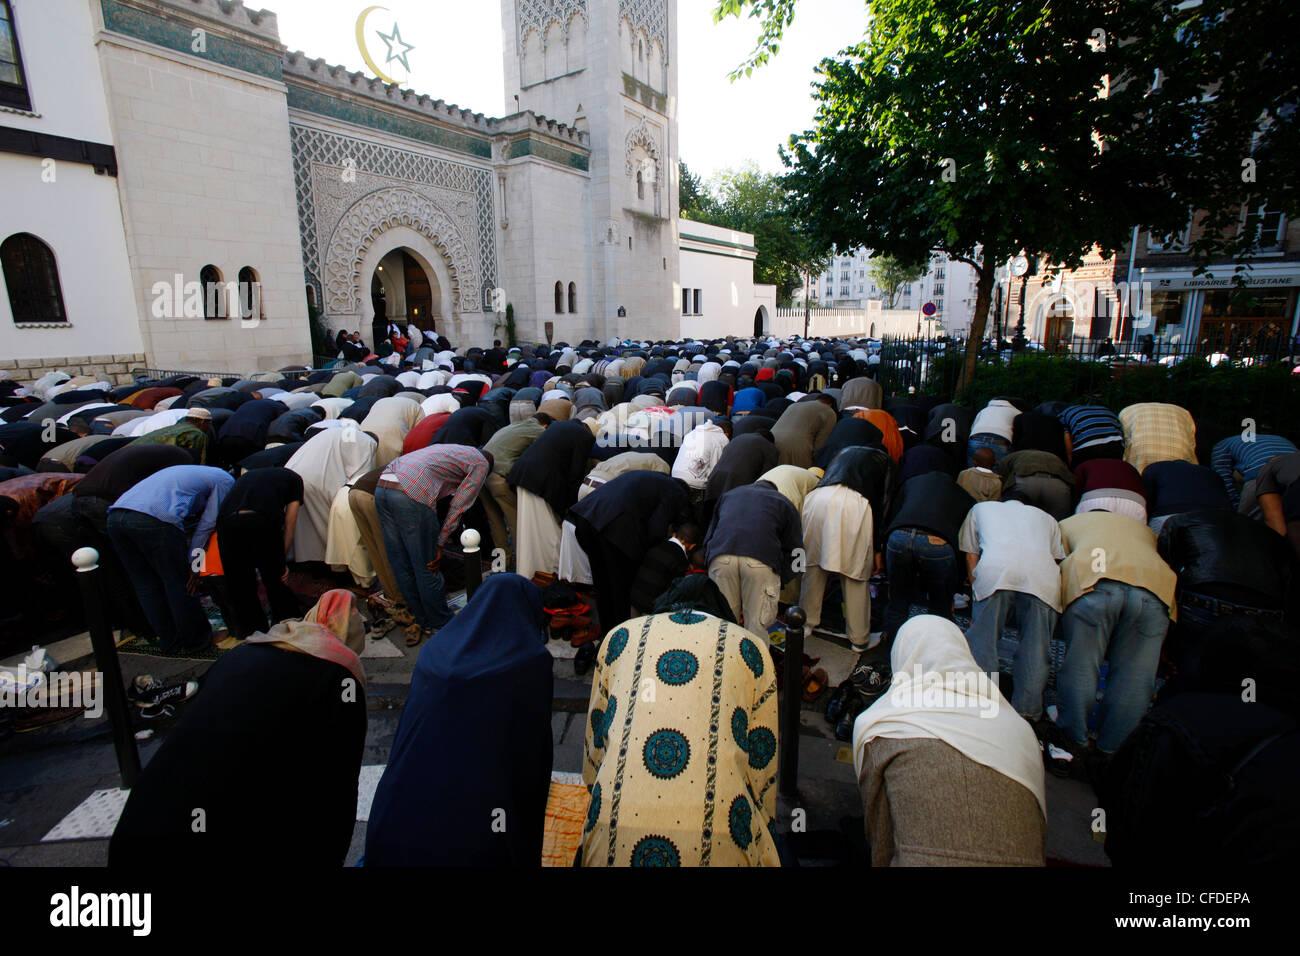 Muslime beten außerhalb der großen Moschee von Paris auf Beihilfen El-Fitr Festival, Paris, Frankreich, Europa Stockfoto